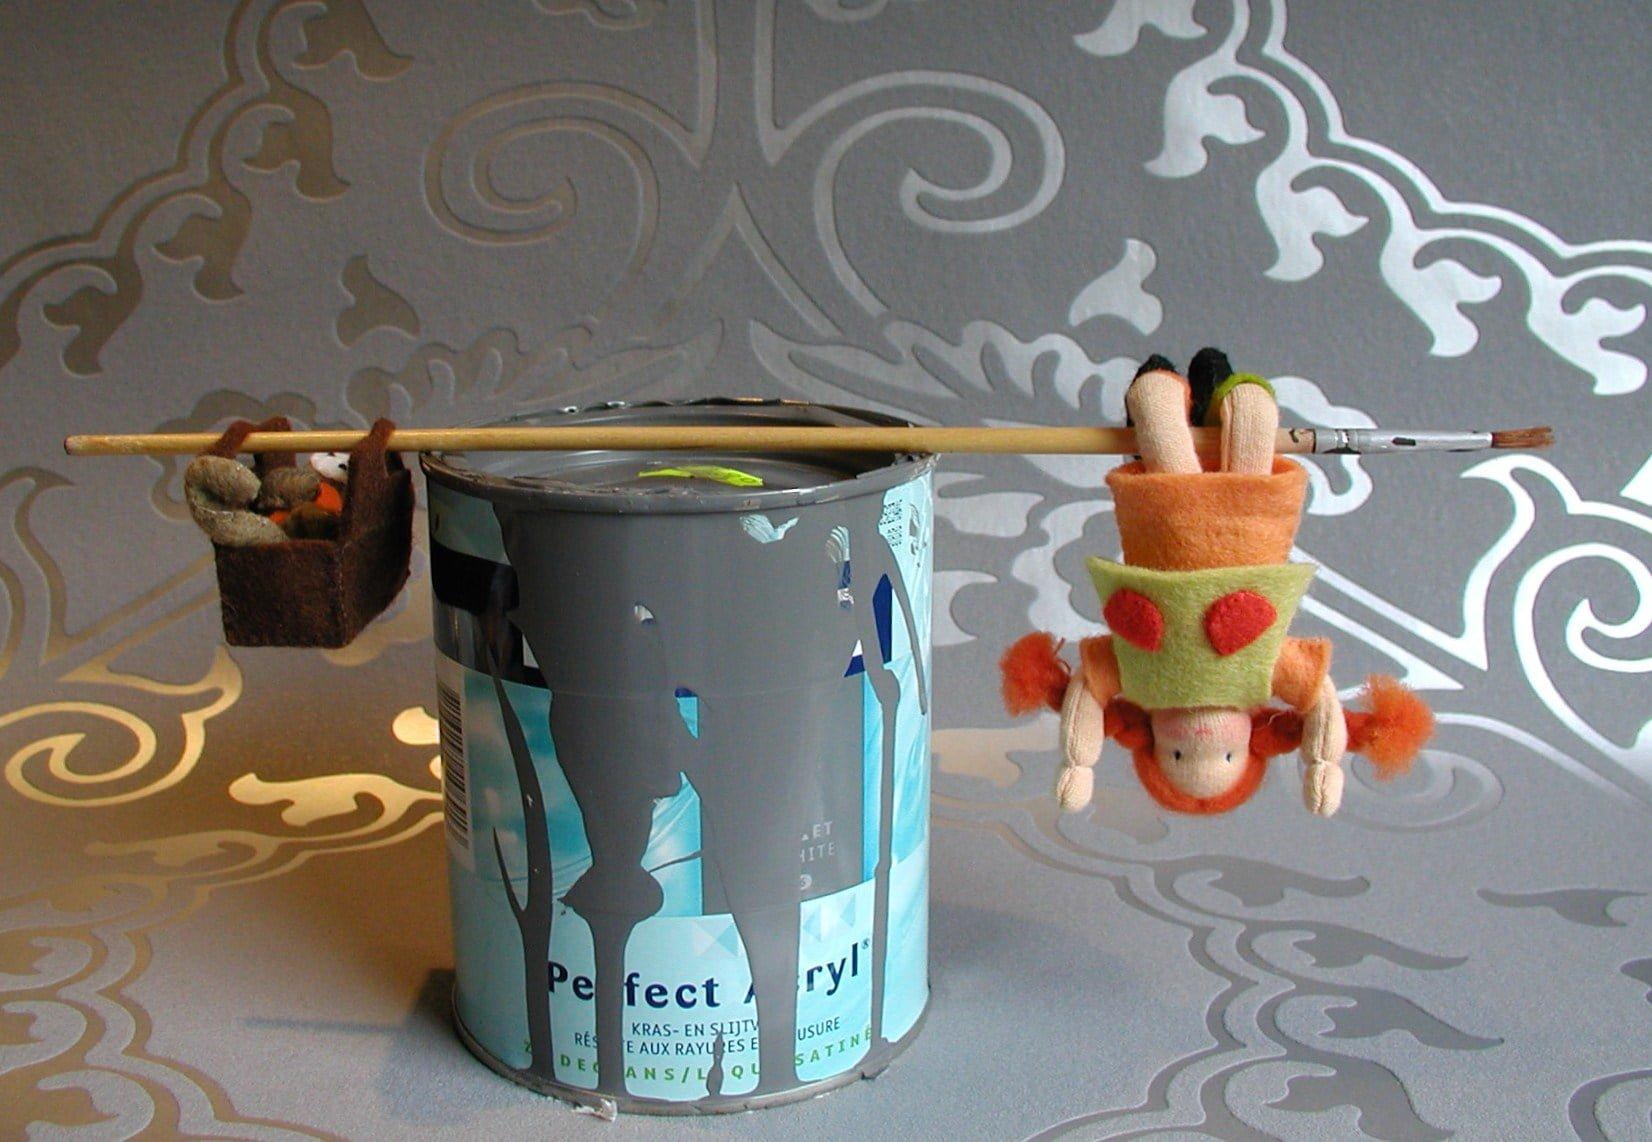 Atelier pippilotta 2011 september 12 - Volwassen kamer schilderij idee ...